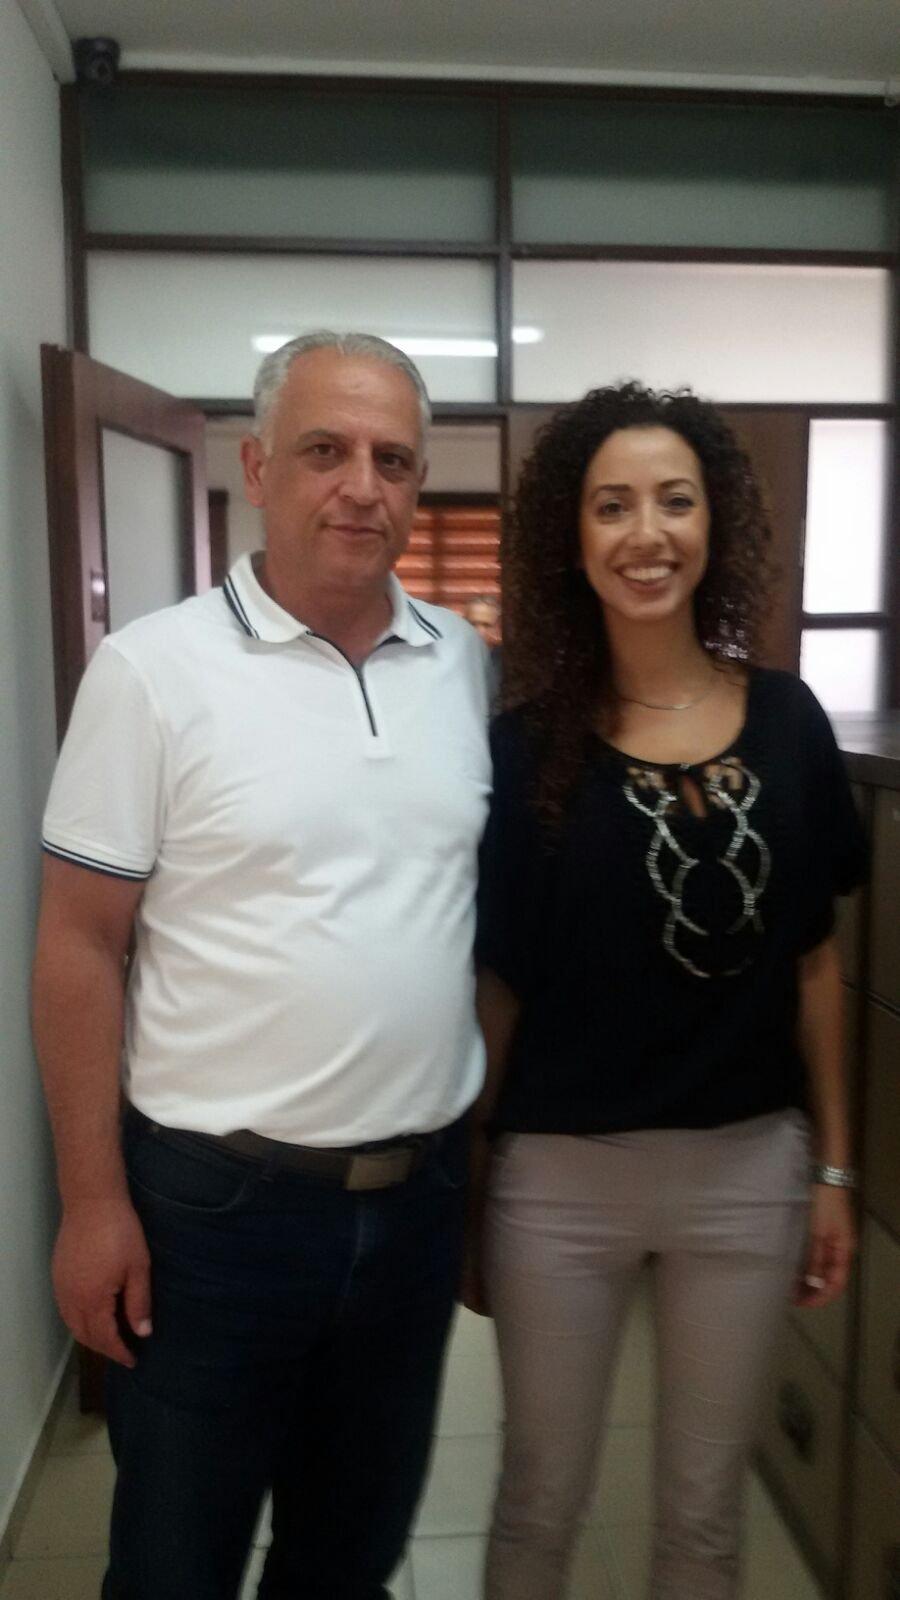 وزير السياحة يزور الشبلي أم الغنم ويؤكد دعم مشروعي الفندق والسوق